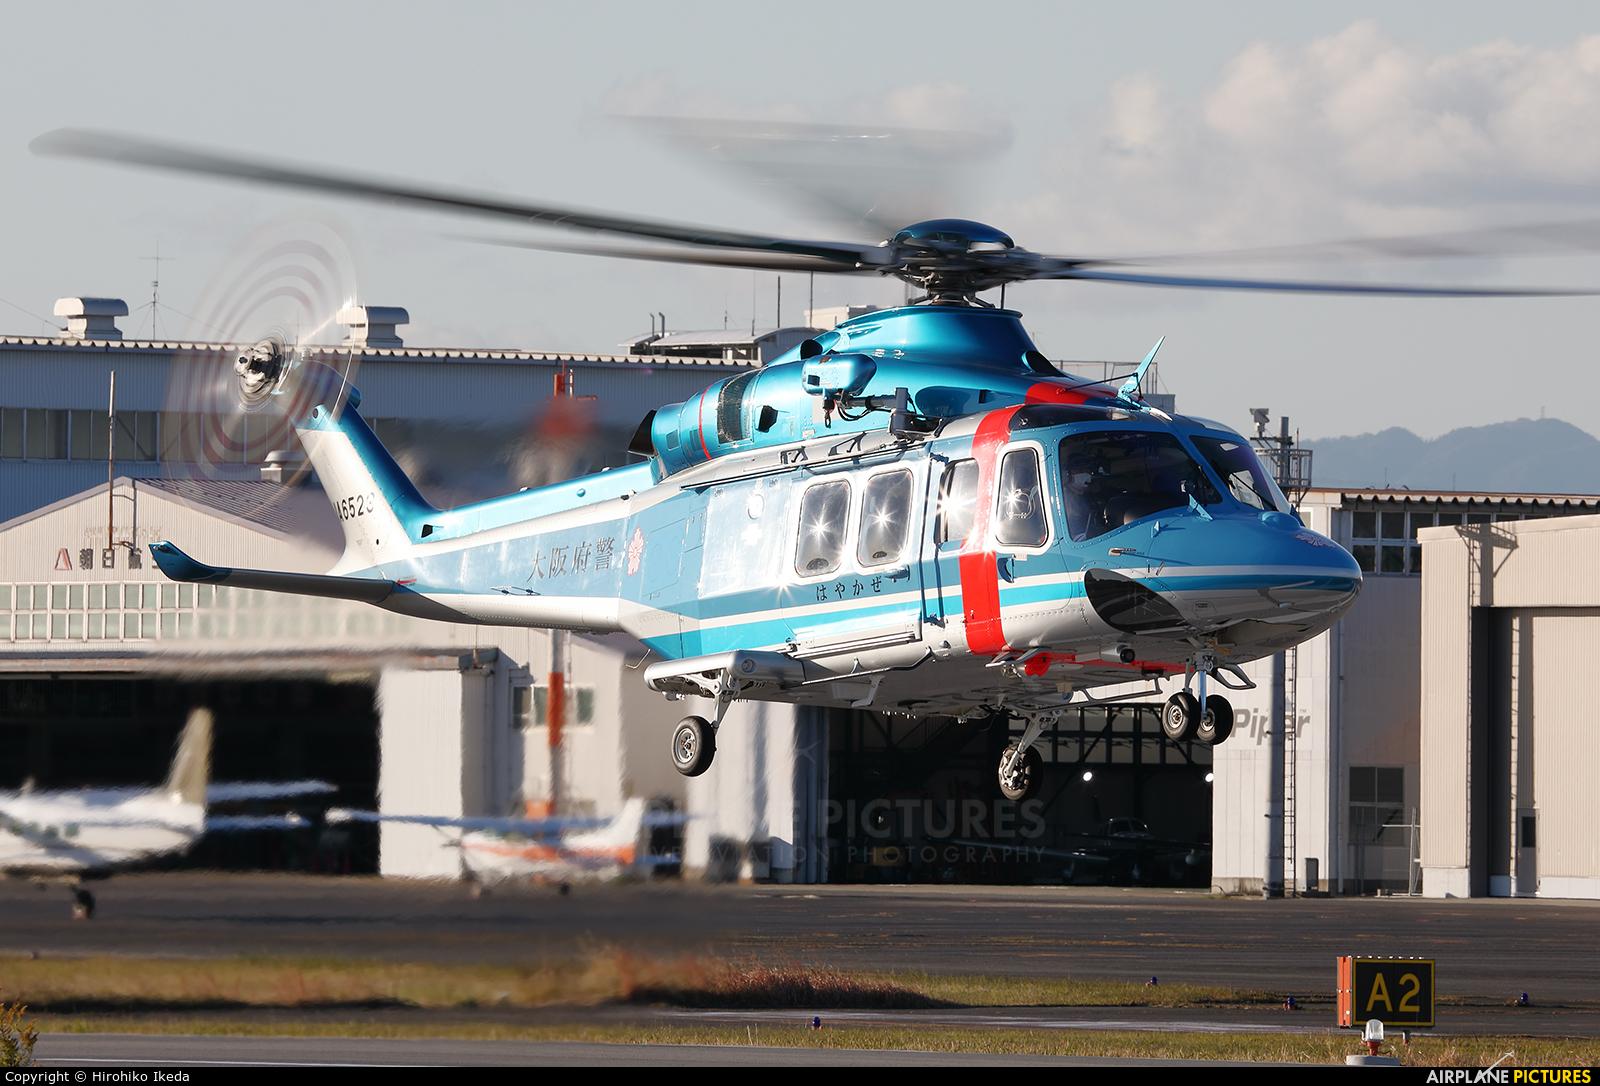 Japan - Police JA6523 aircraft at Yao